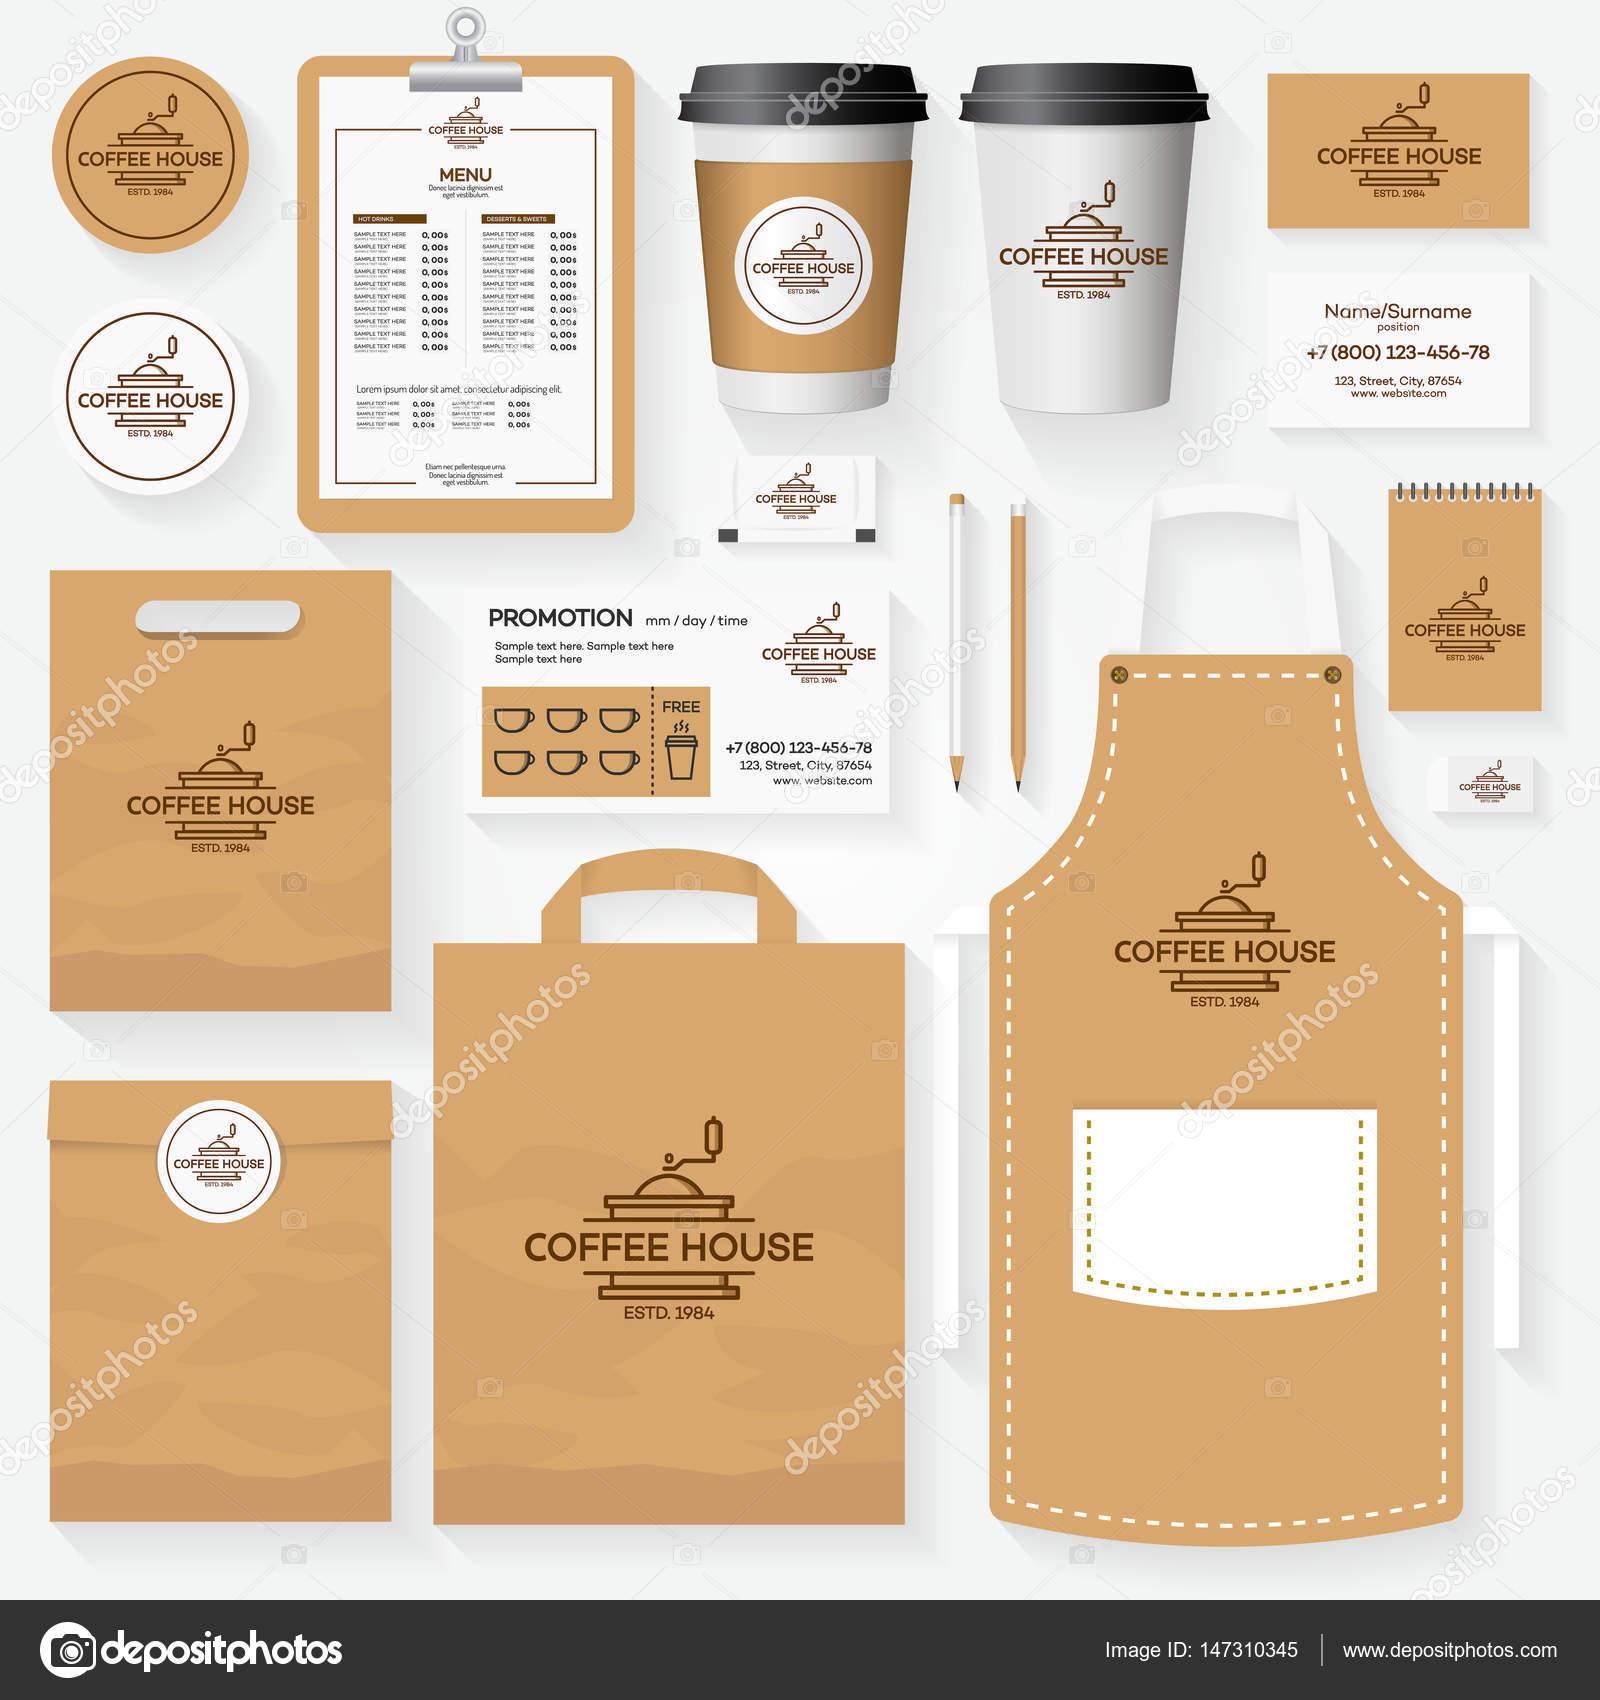 Coffee shop szablon tożsamości korporacyjnej z logo maszyny do kawy